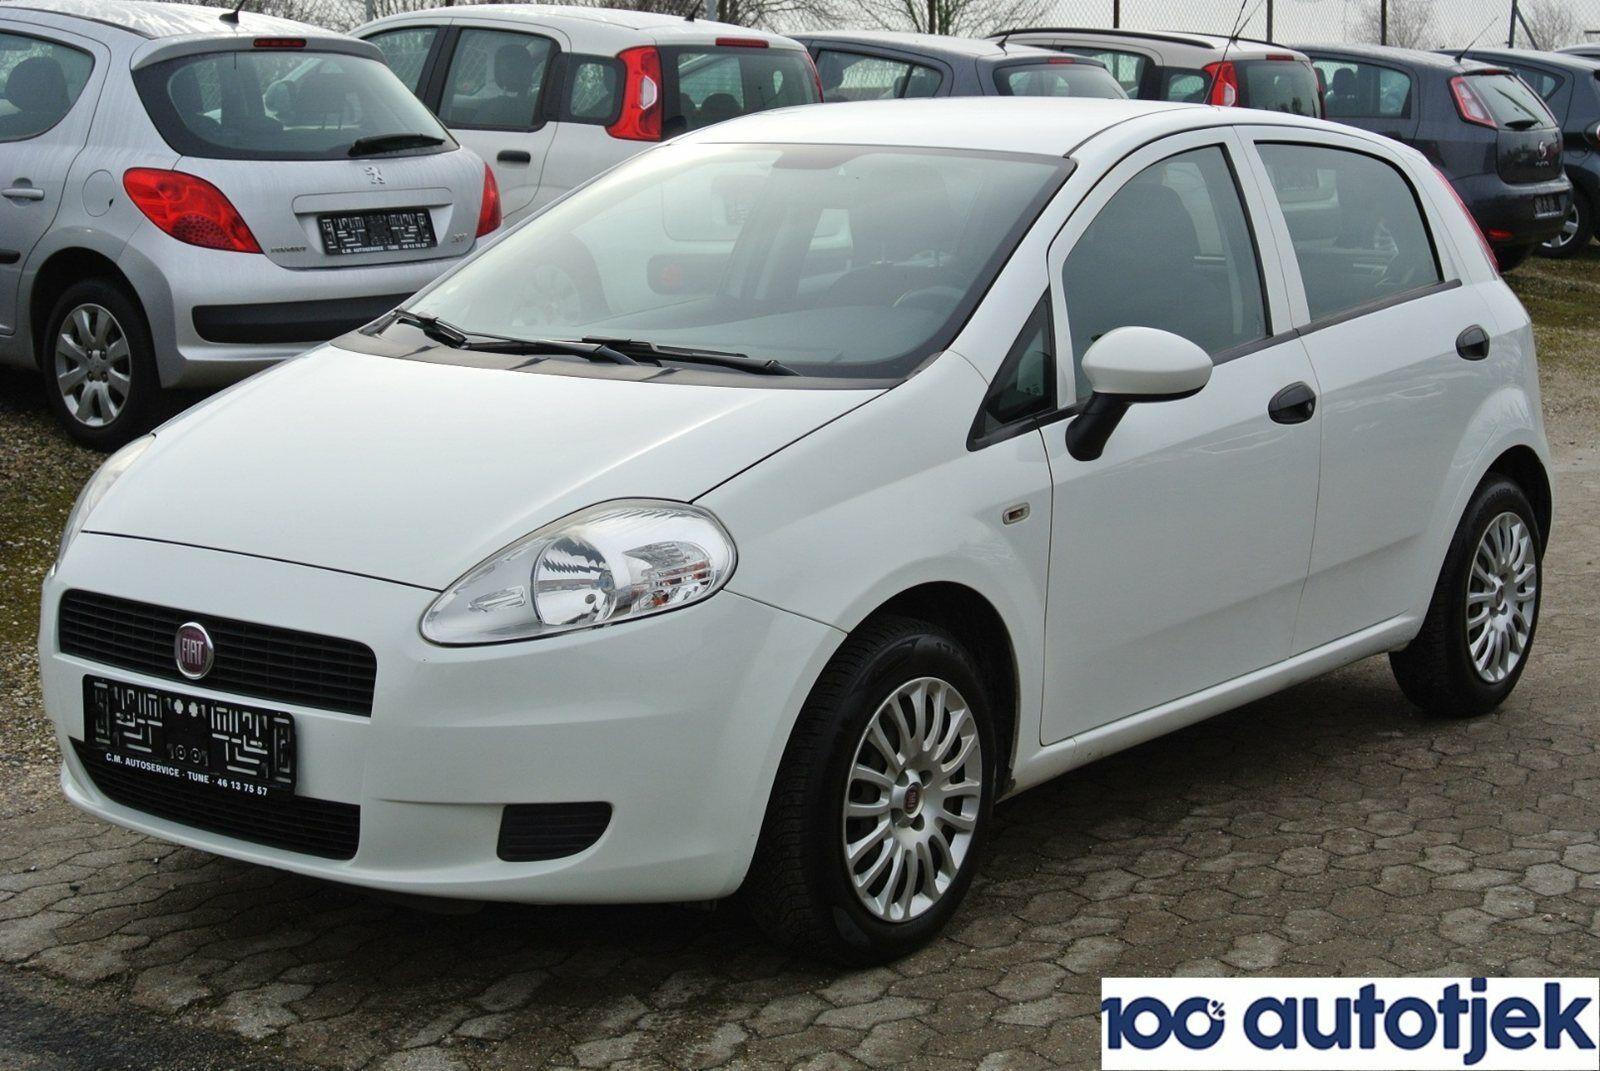 Fiat Grande Punto 1,4 MTA 5d - 49.900 kr.